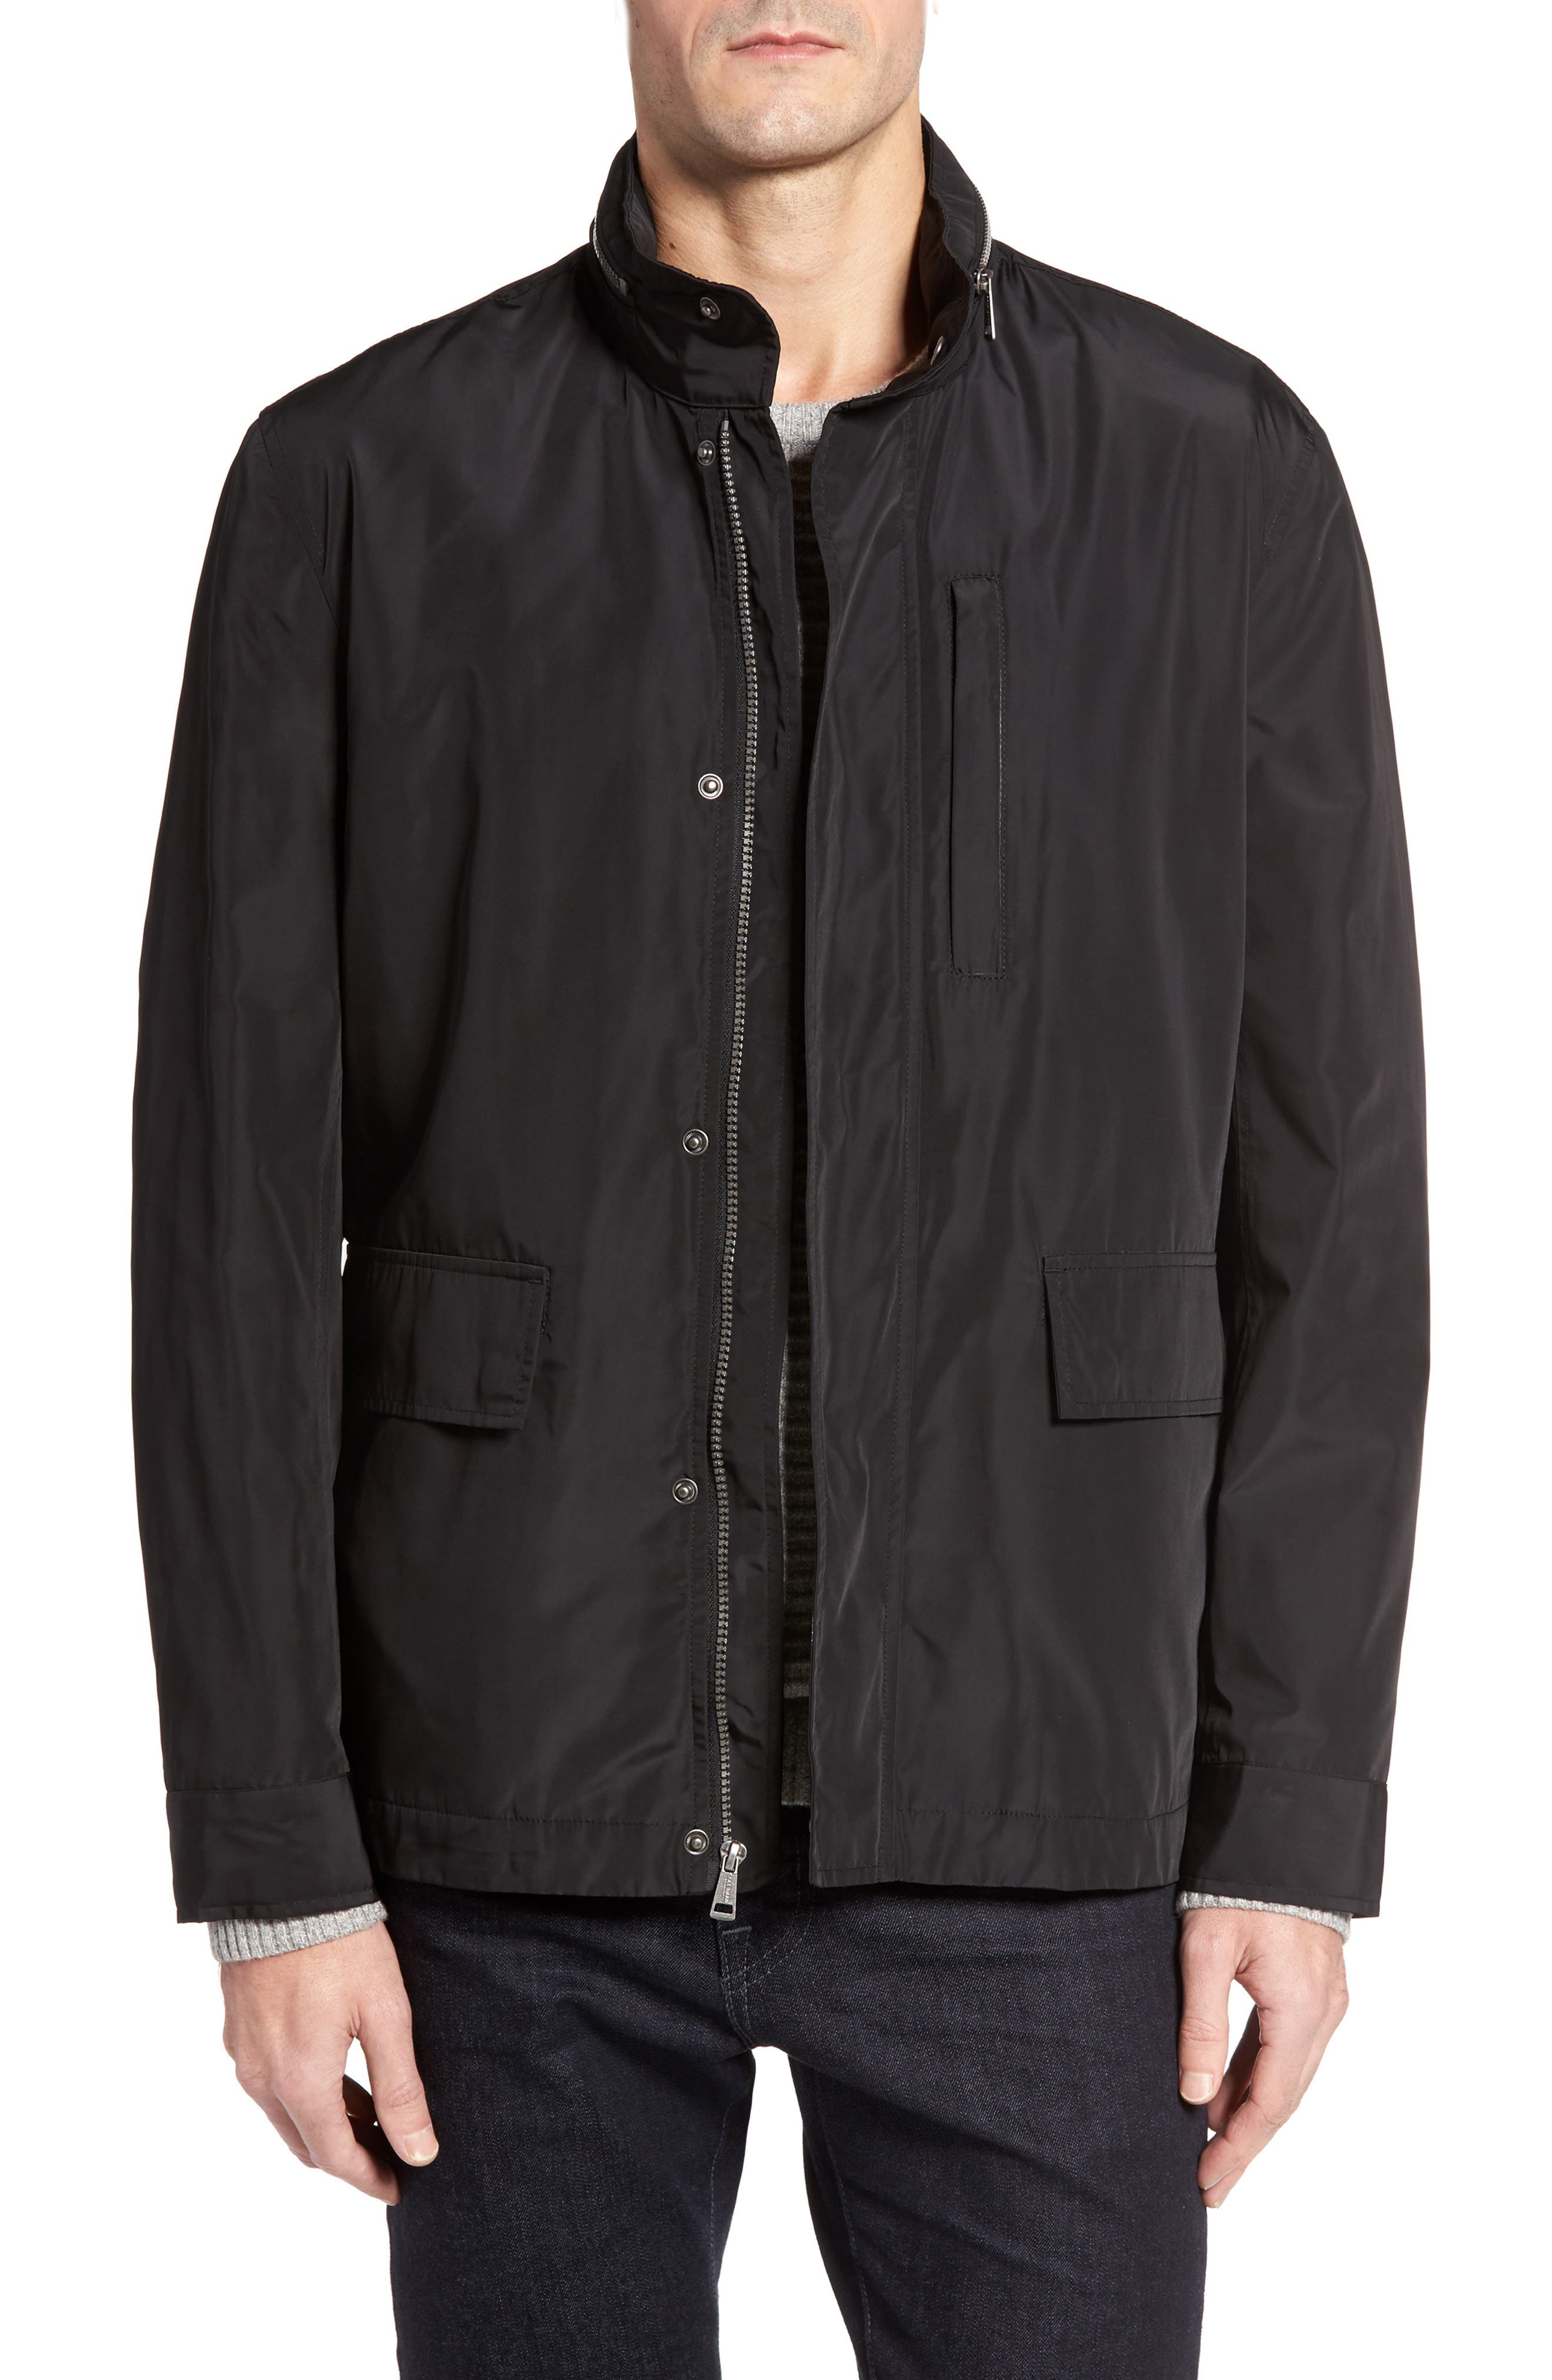 Cole Haan Packable Jacket